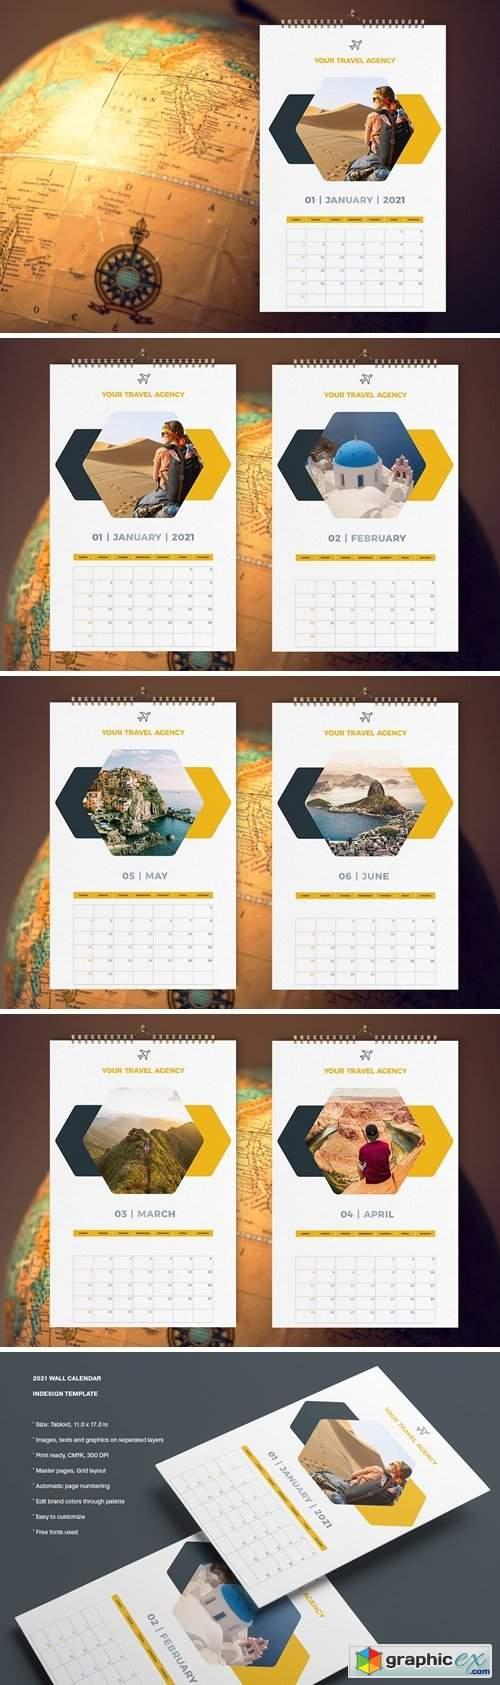 Travel Calendar 2021 Template